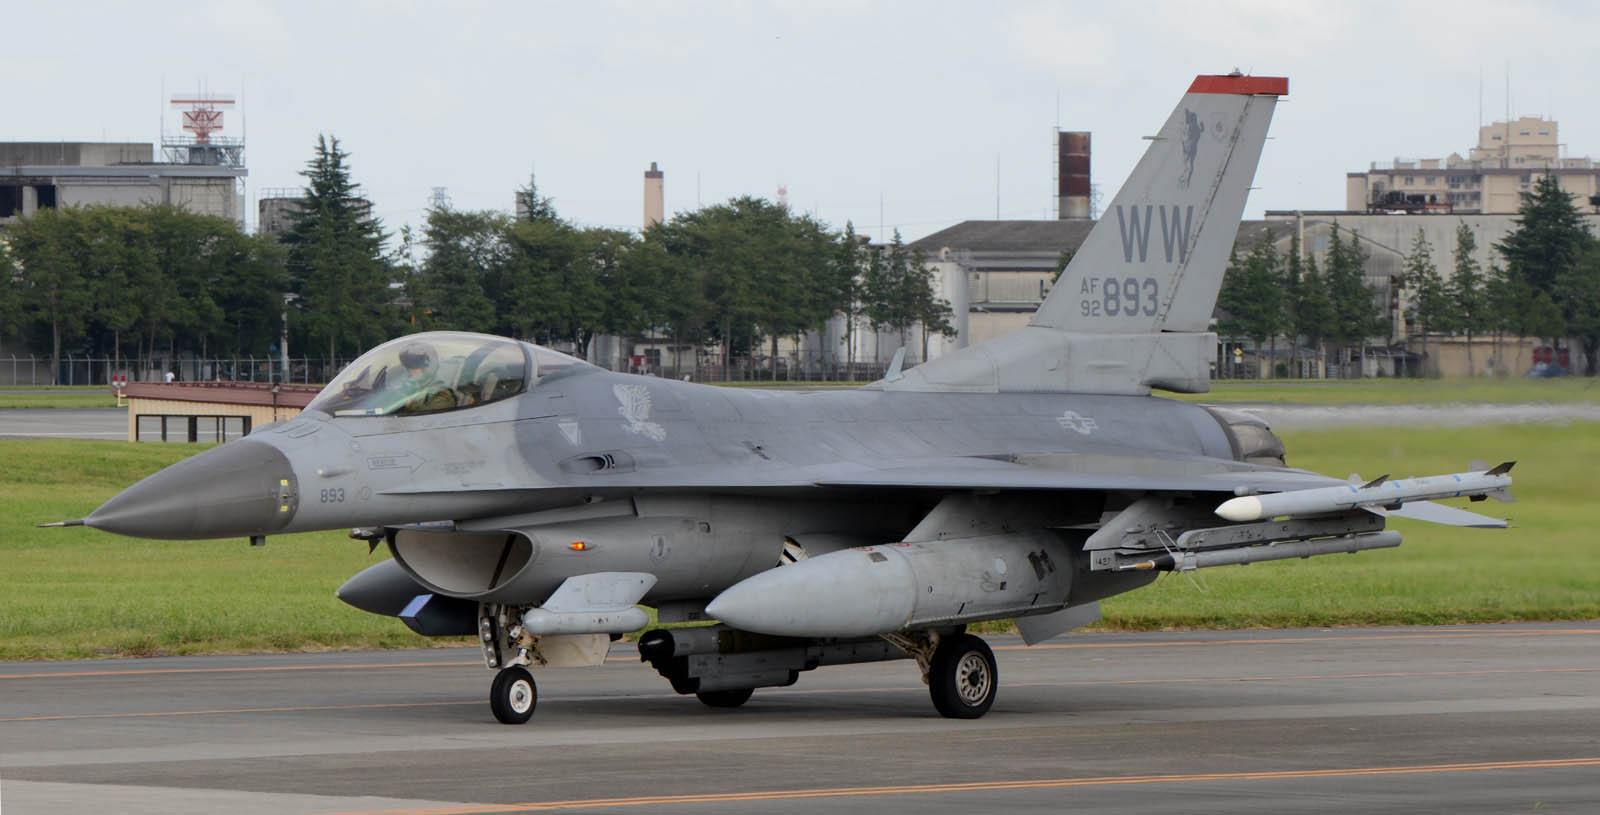 F16cj130904g807